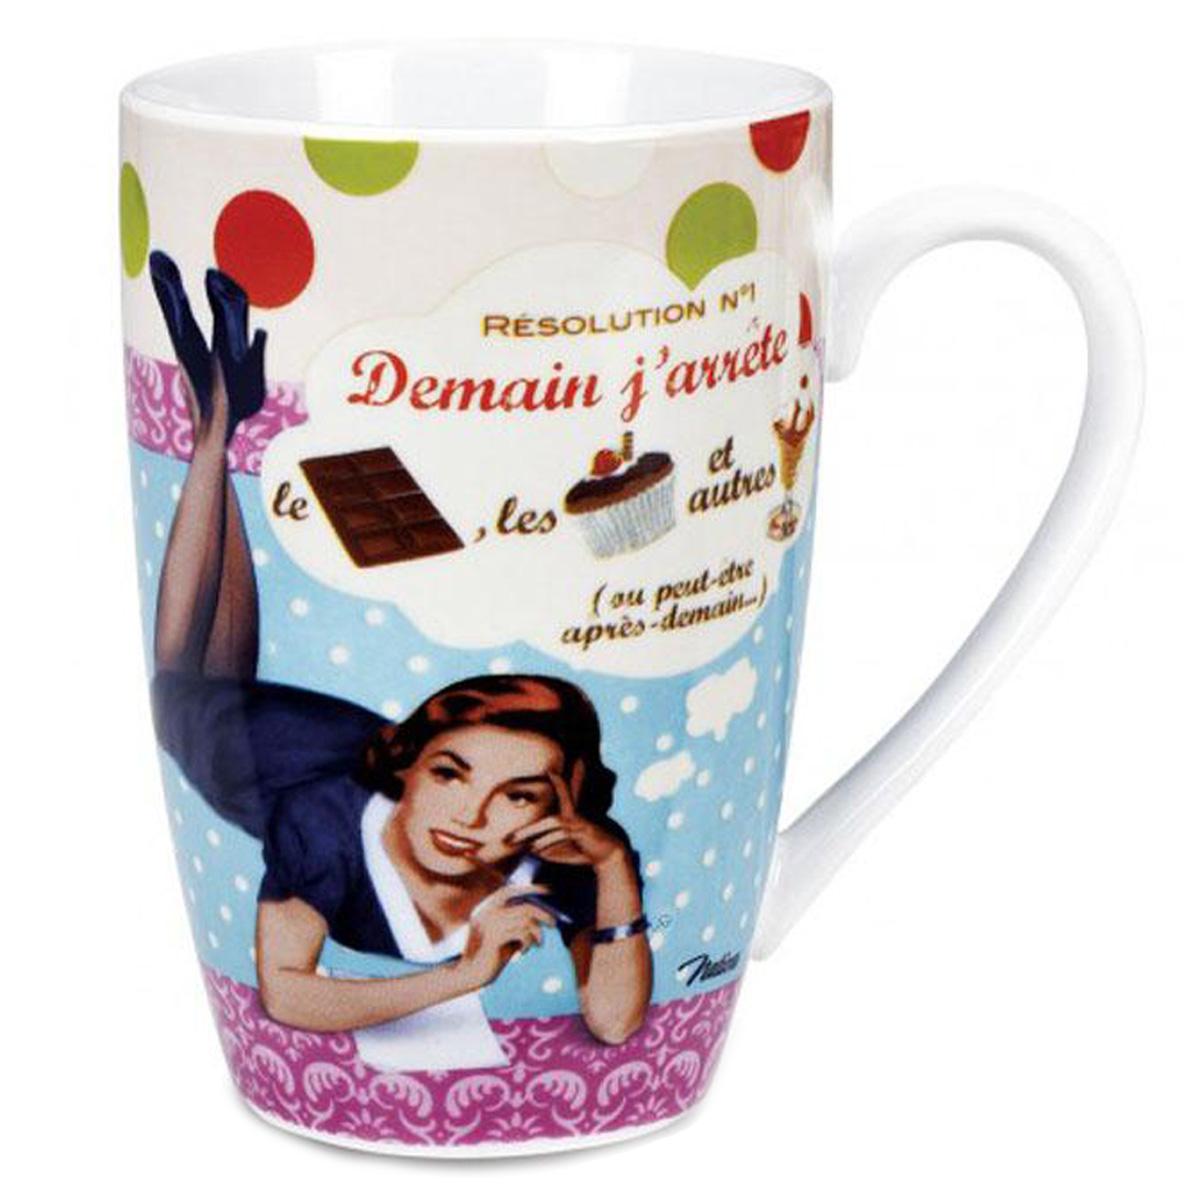 Grand mug porcelaine \'French Vintage\' (Résolution n°1 : demain j\'arrête ! ) - 13x85 cm (46 cl) - [Q7148]